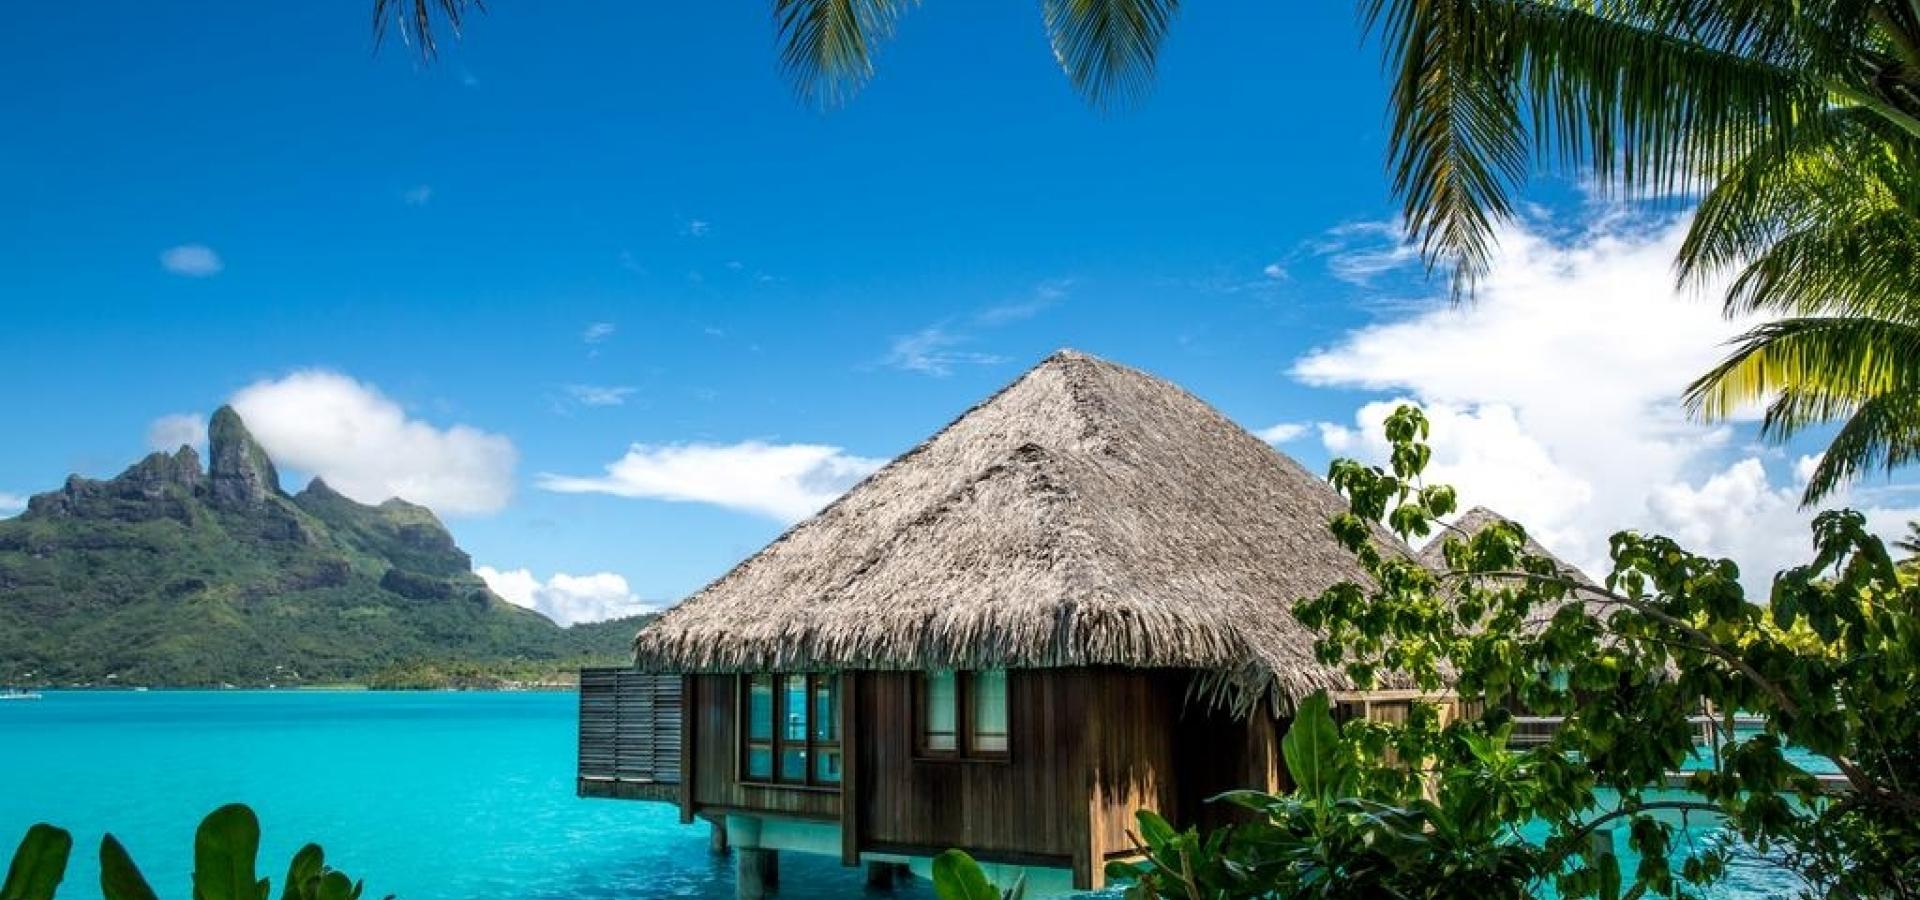 Bora Bora - Villas The St. Regis Bora Bora Resort